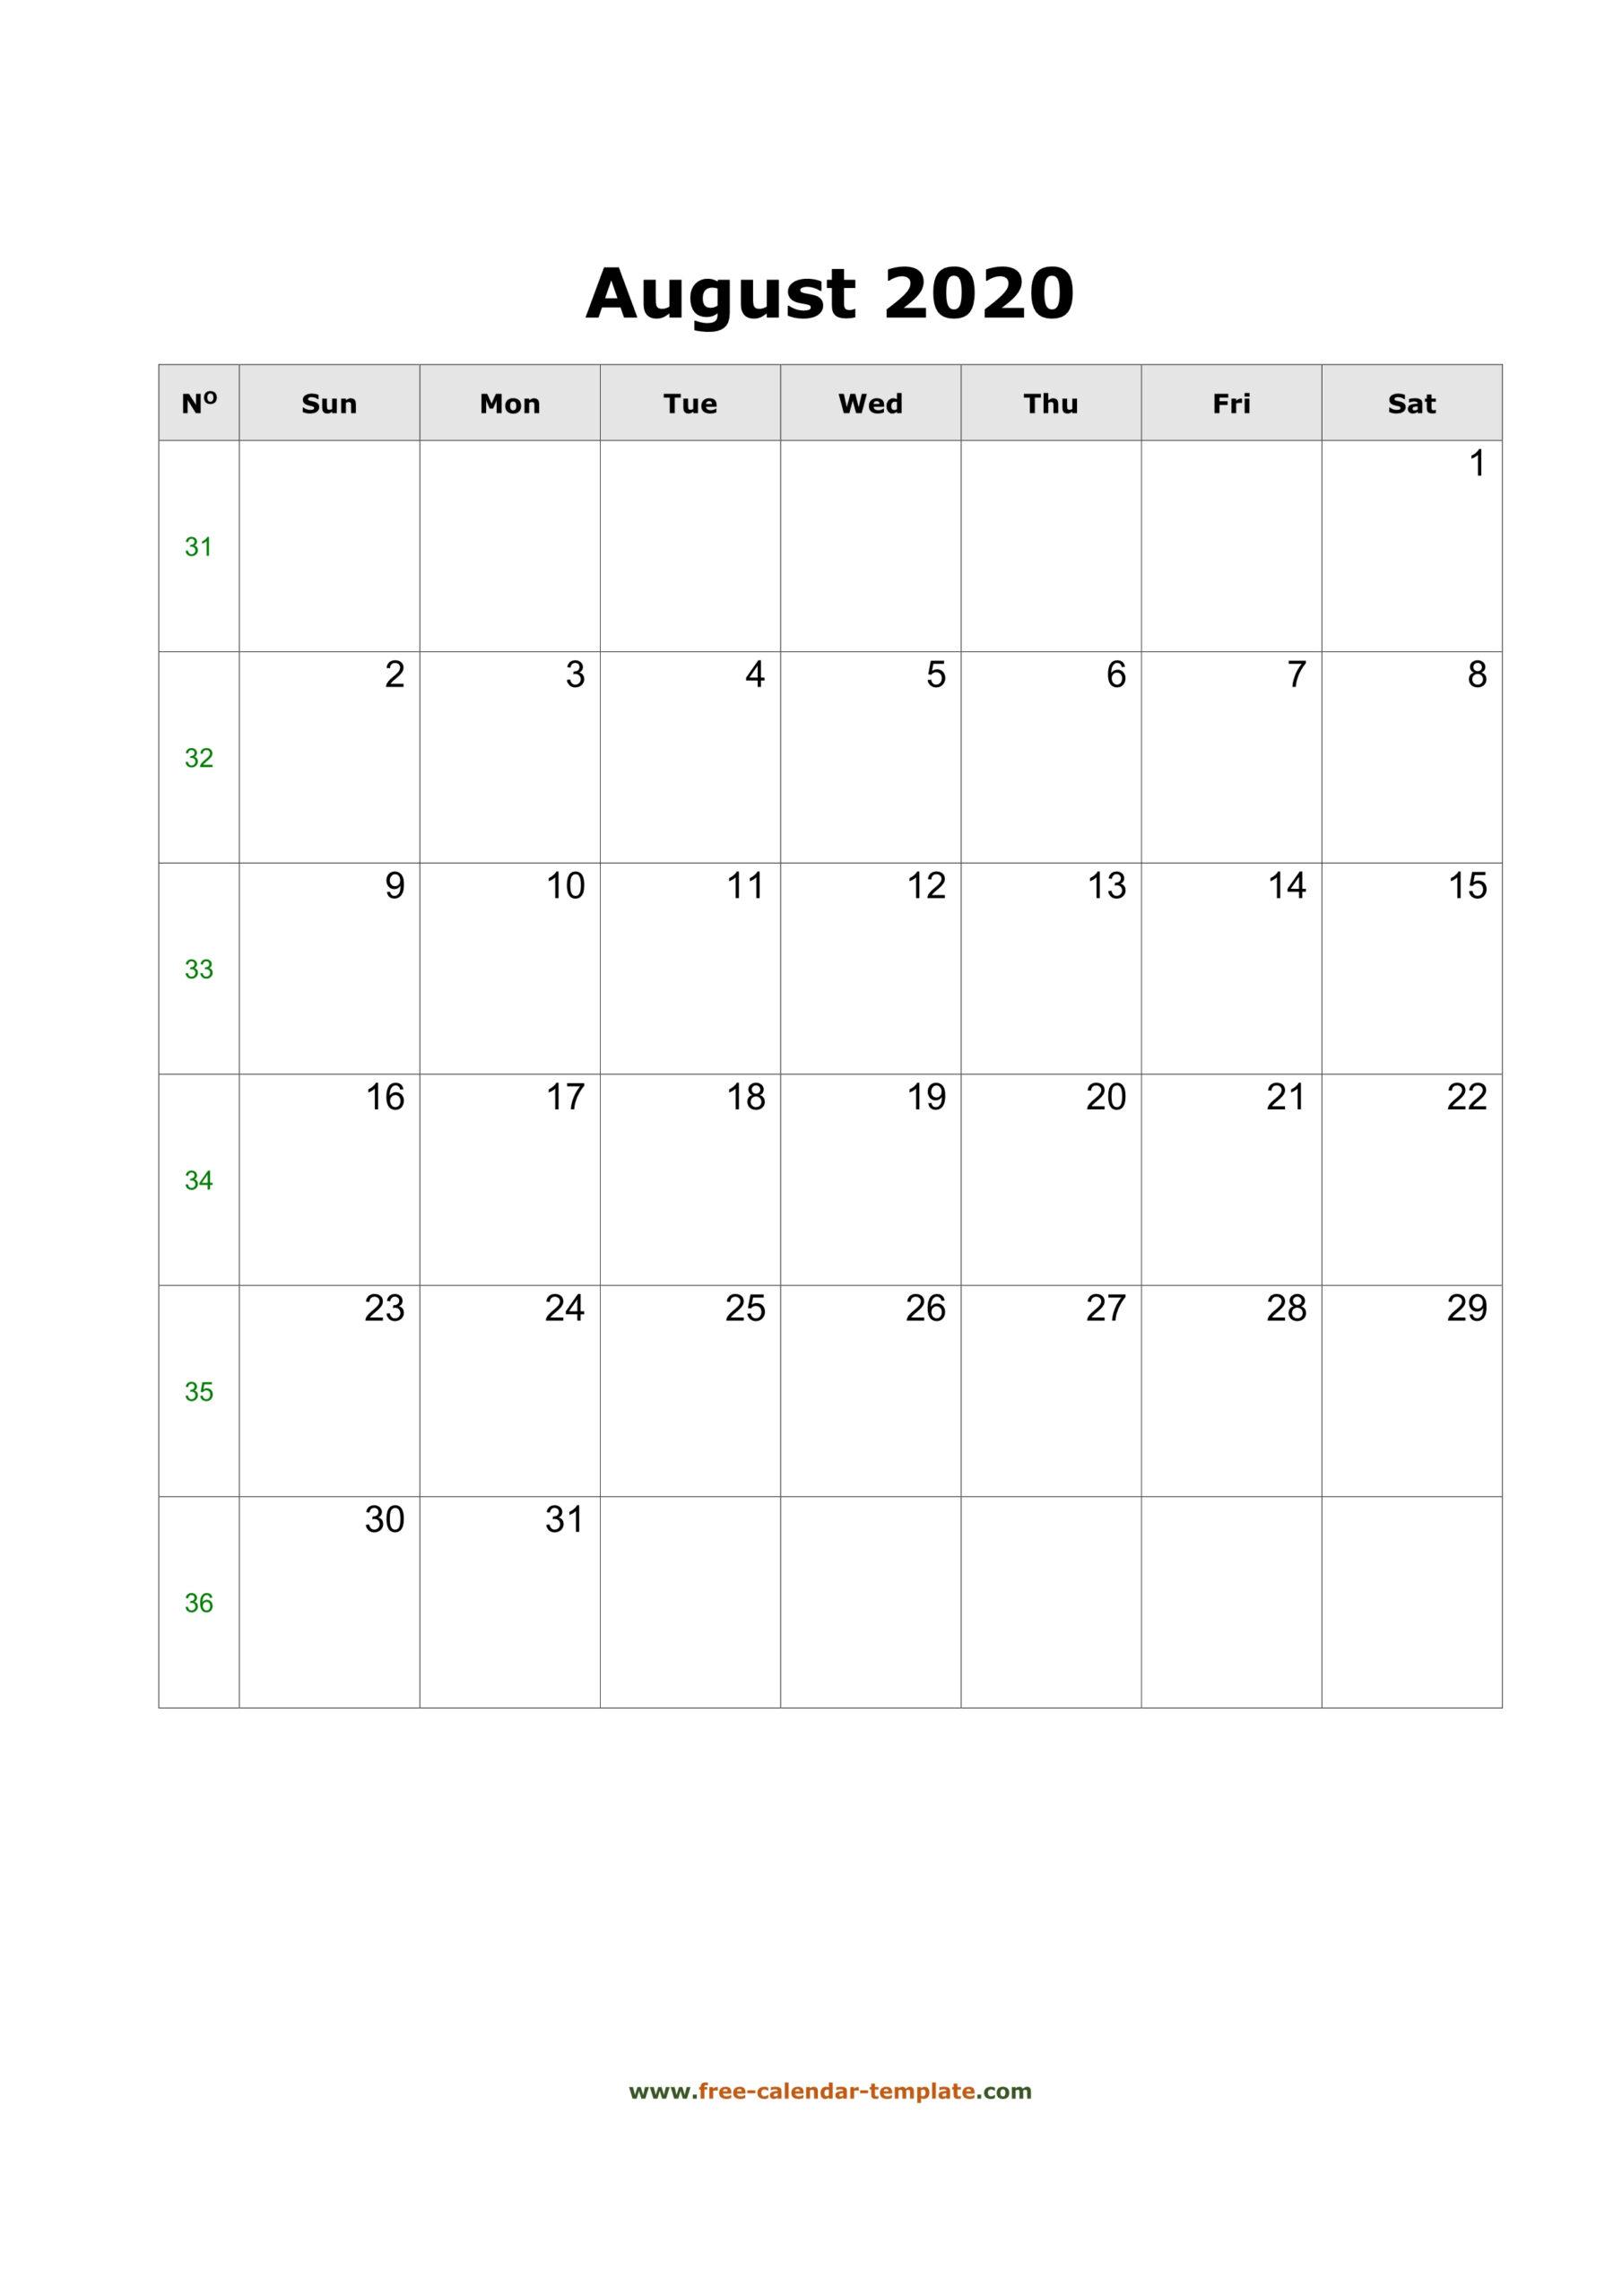 2020 August Calendar (Blank Vertical Template) | Free